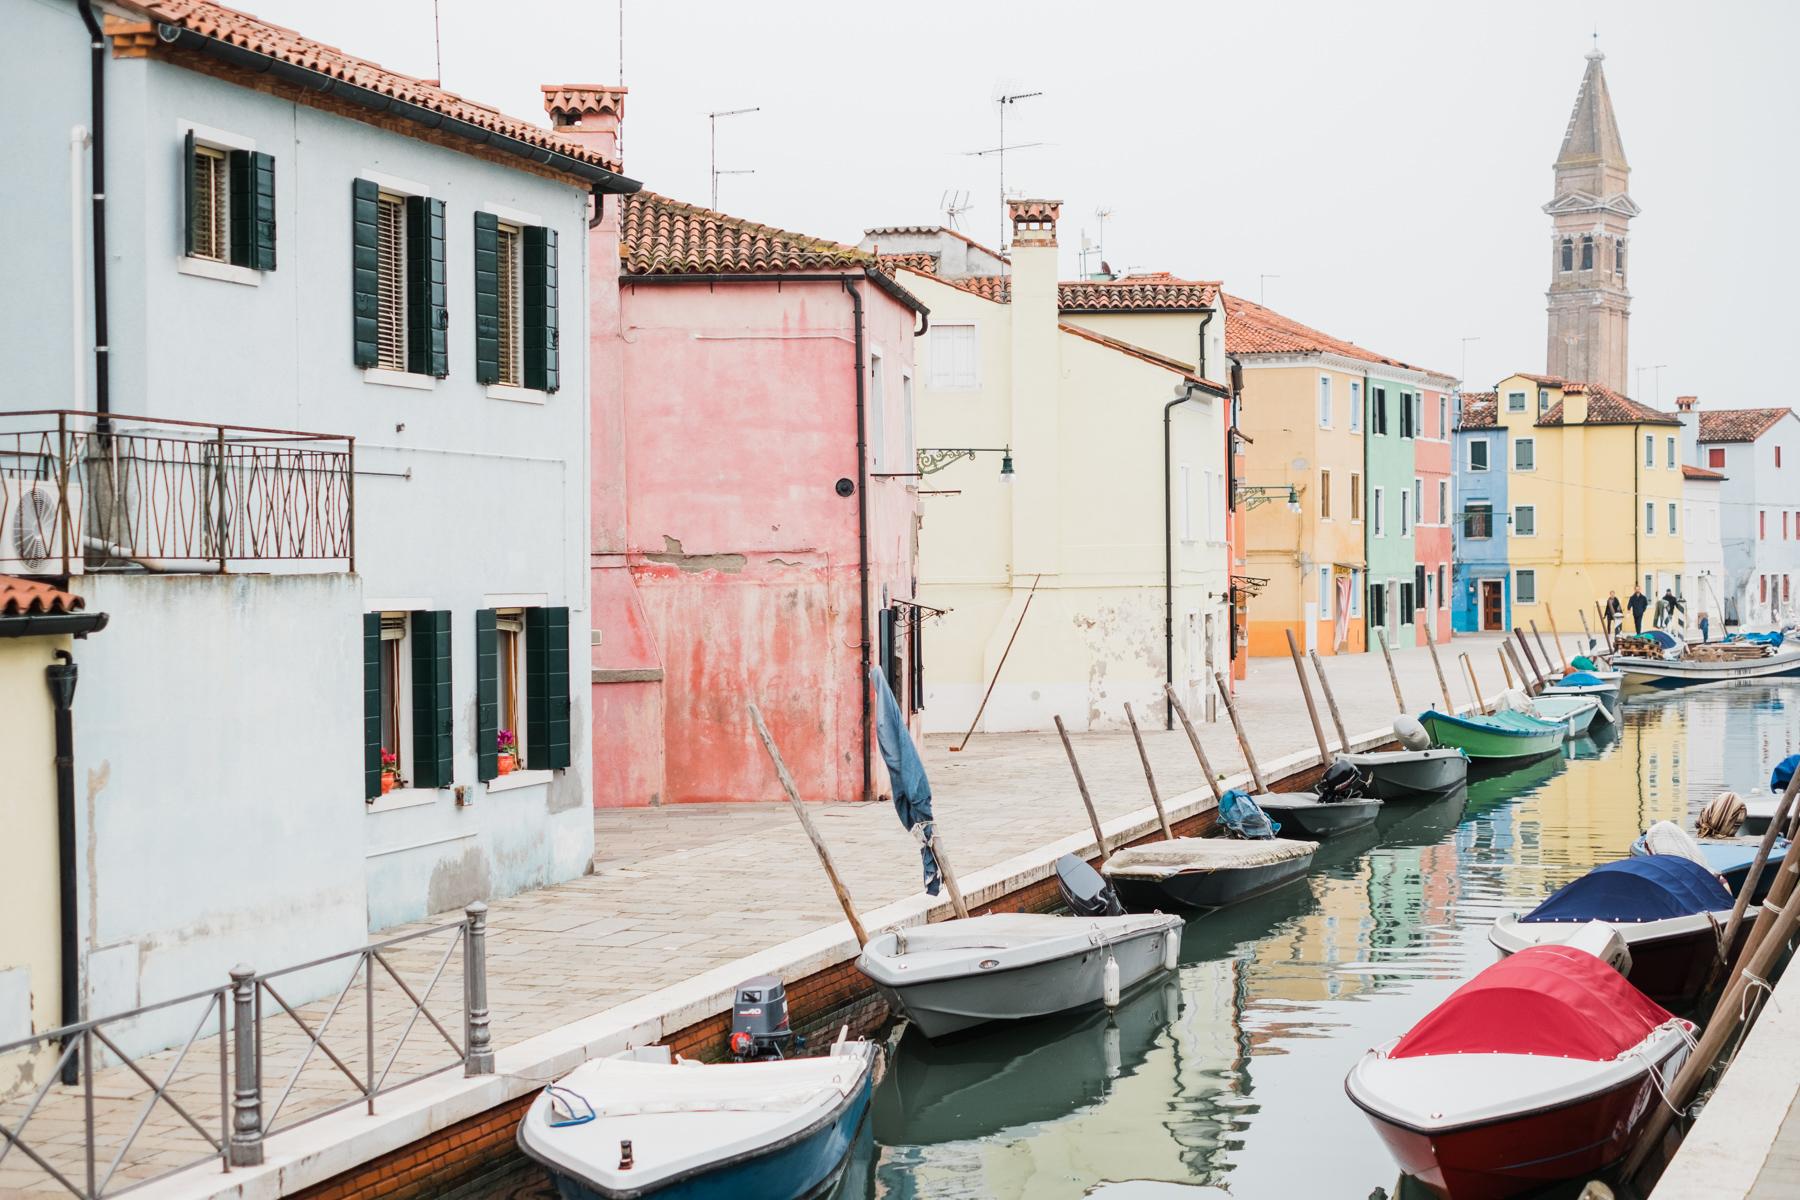 Venice_deersphotography-202